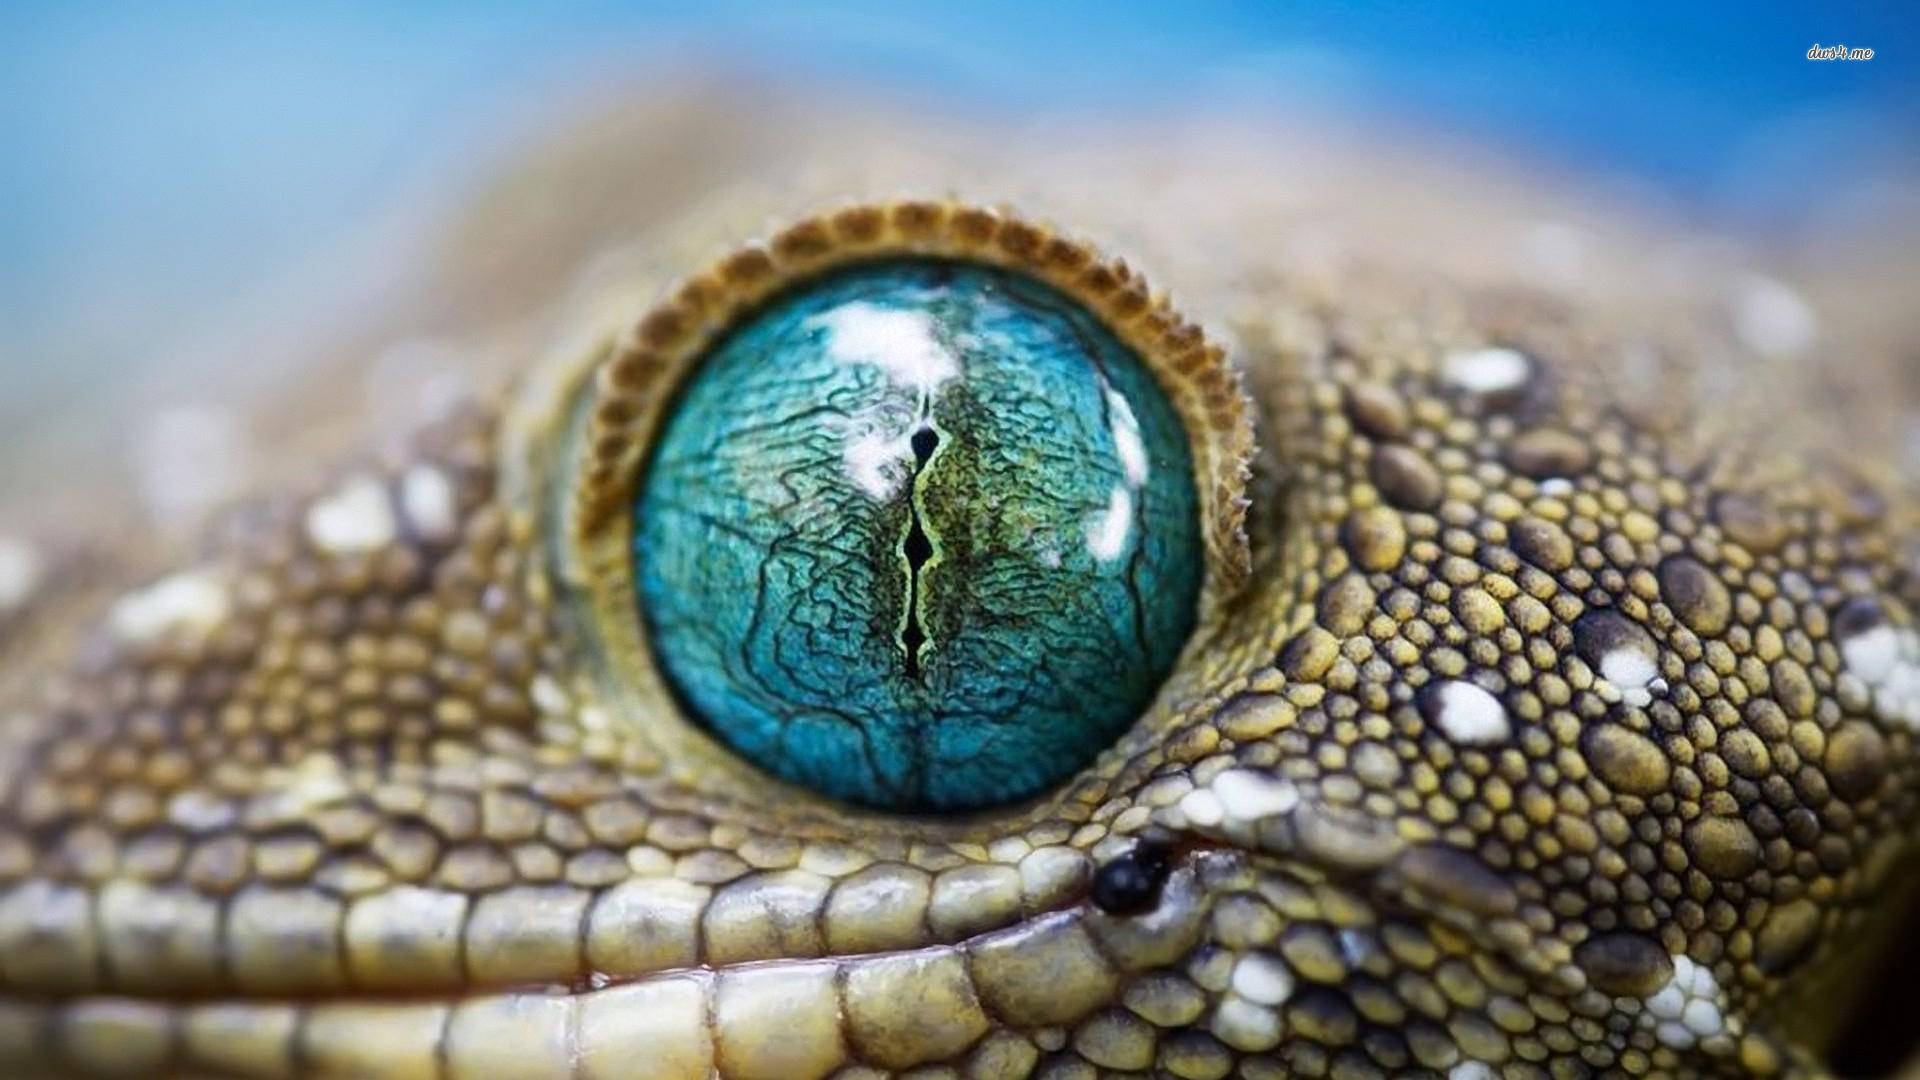 ... Lizard eye wallpaper 1920x1080 ...